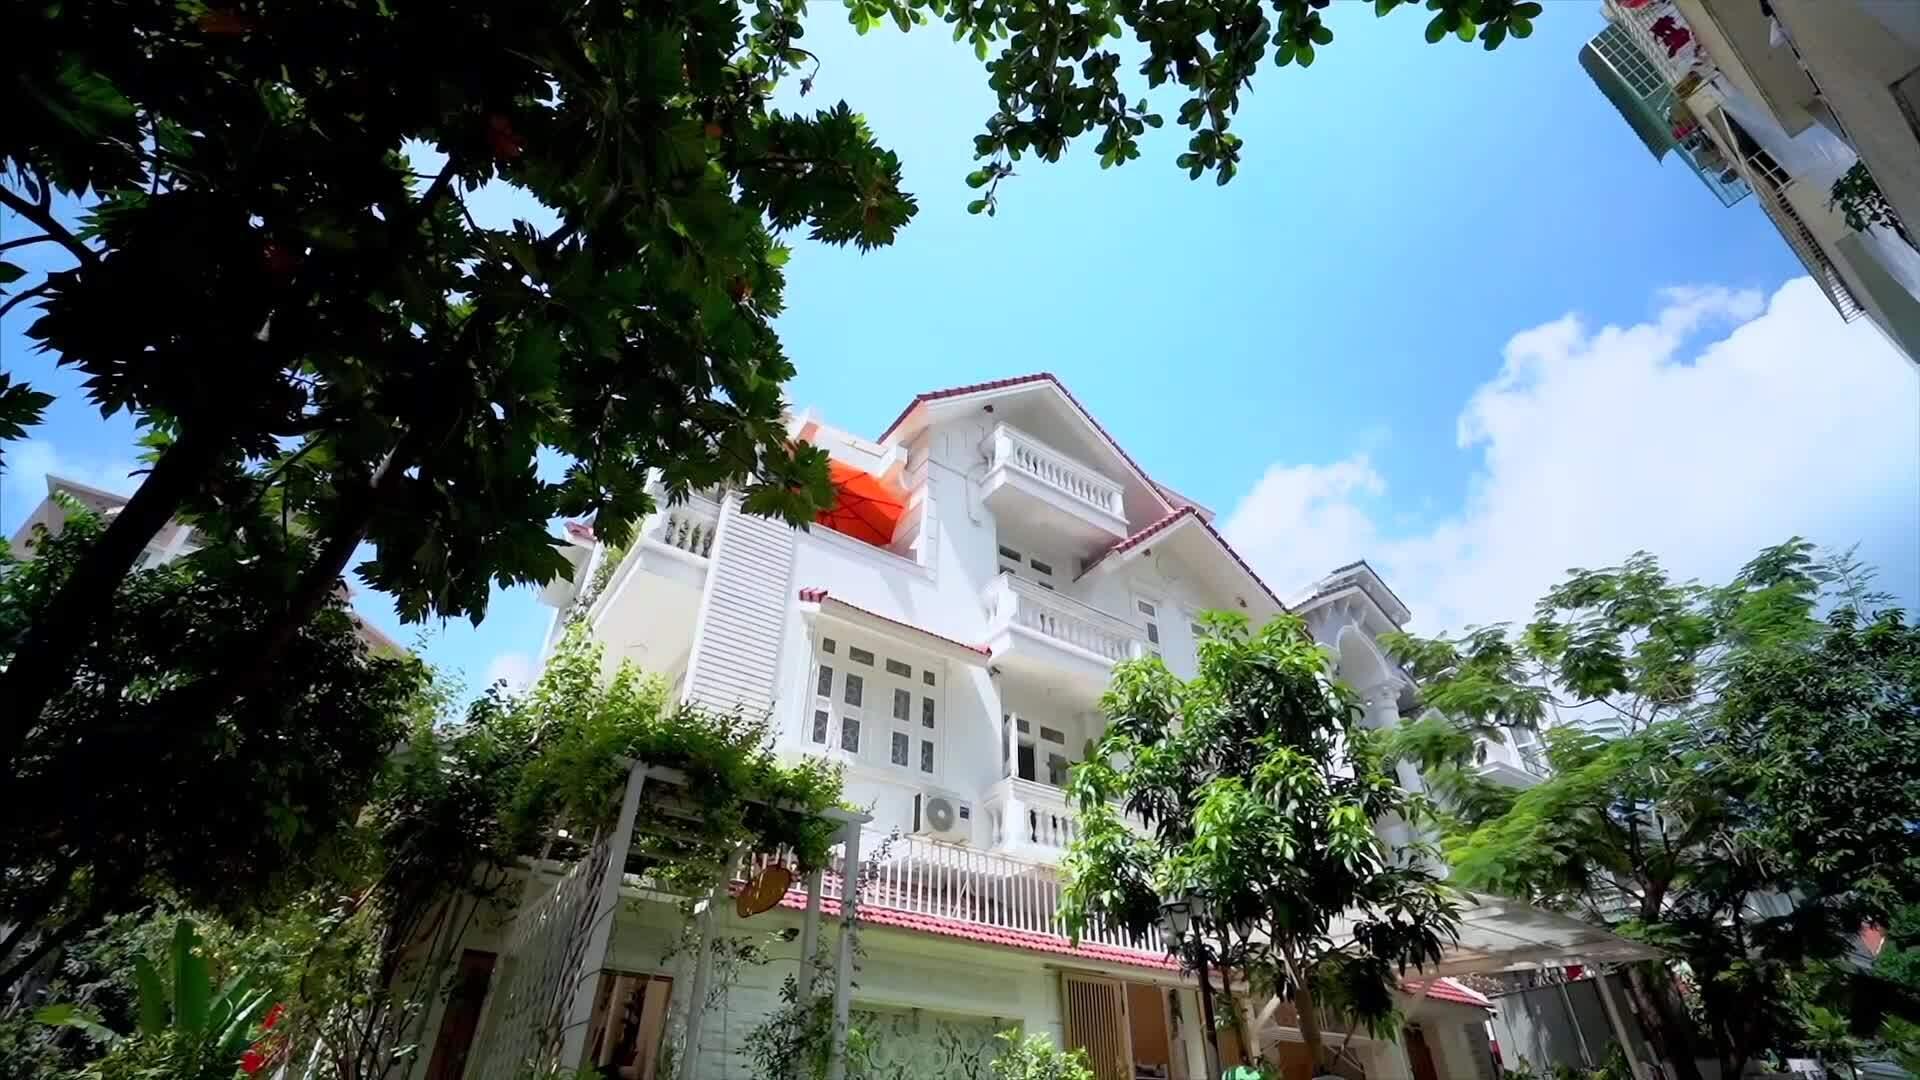 Biệt thự bốn tầng, rộng 1.400 m2 của vợ chồng Vy Oanh